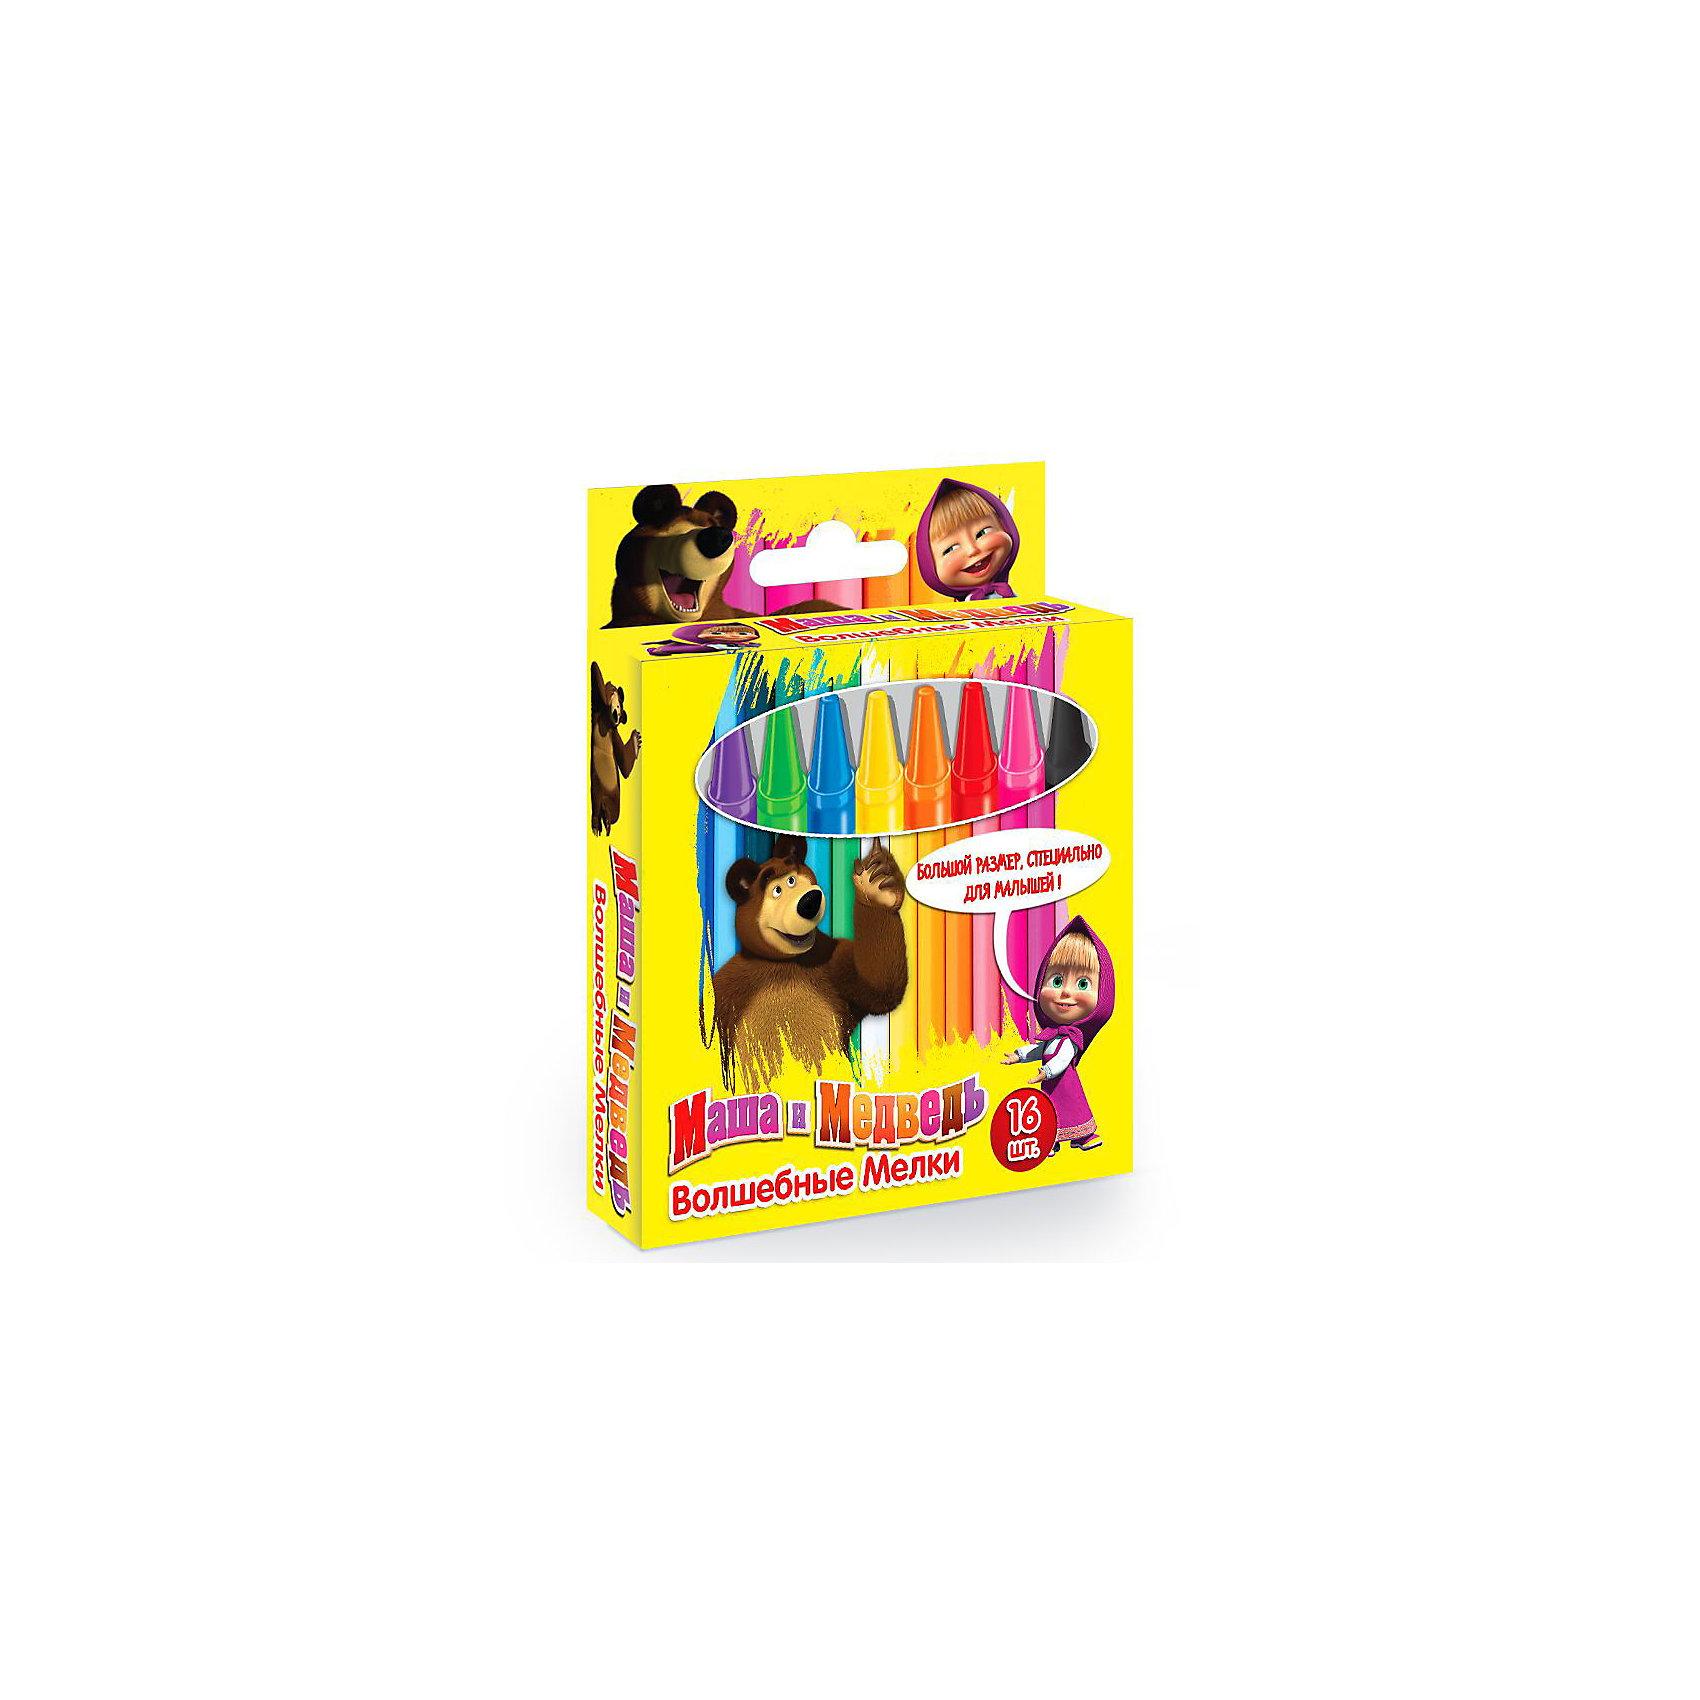 Маша и Медведь Мелки большие 16штНабор из 16 ярких цветных мелков  сделает рисование Вашего малыша еще приятнее!<br> <br>Дополнительная информация:<br><br>В наборе: 16 разноцветных мелков в обертке (11х96мм). <br>Упаковка - закрытая коробка. <br>Срок годности 3 года.<br><br>Порадует Вашего малыша разнообразием цветовой гаммы и приятным запахом!<br><br>Маша и Медведь Мелки большие 16шт можно купить в нашем магазине.<br><br>Ширина мм: 113<br>Глубина мм: 119<br>Высота мм: 30<br>Вес г: 280<br>Возраст от месяцев: 36<br>Возраст до месяцев: 156<br>Пол: Унисекс<br>Возраст: Детский<br>SKU: 3258067